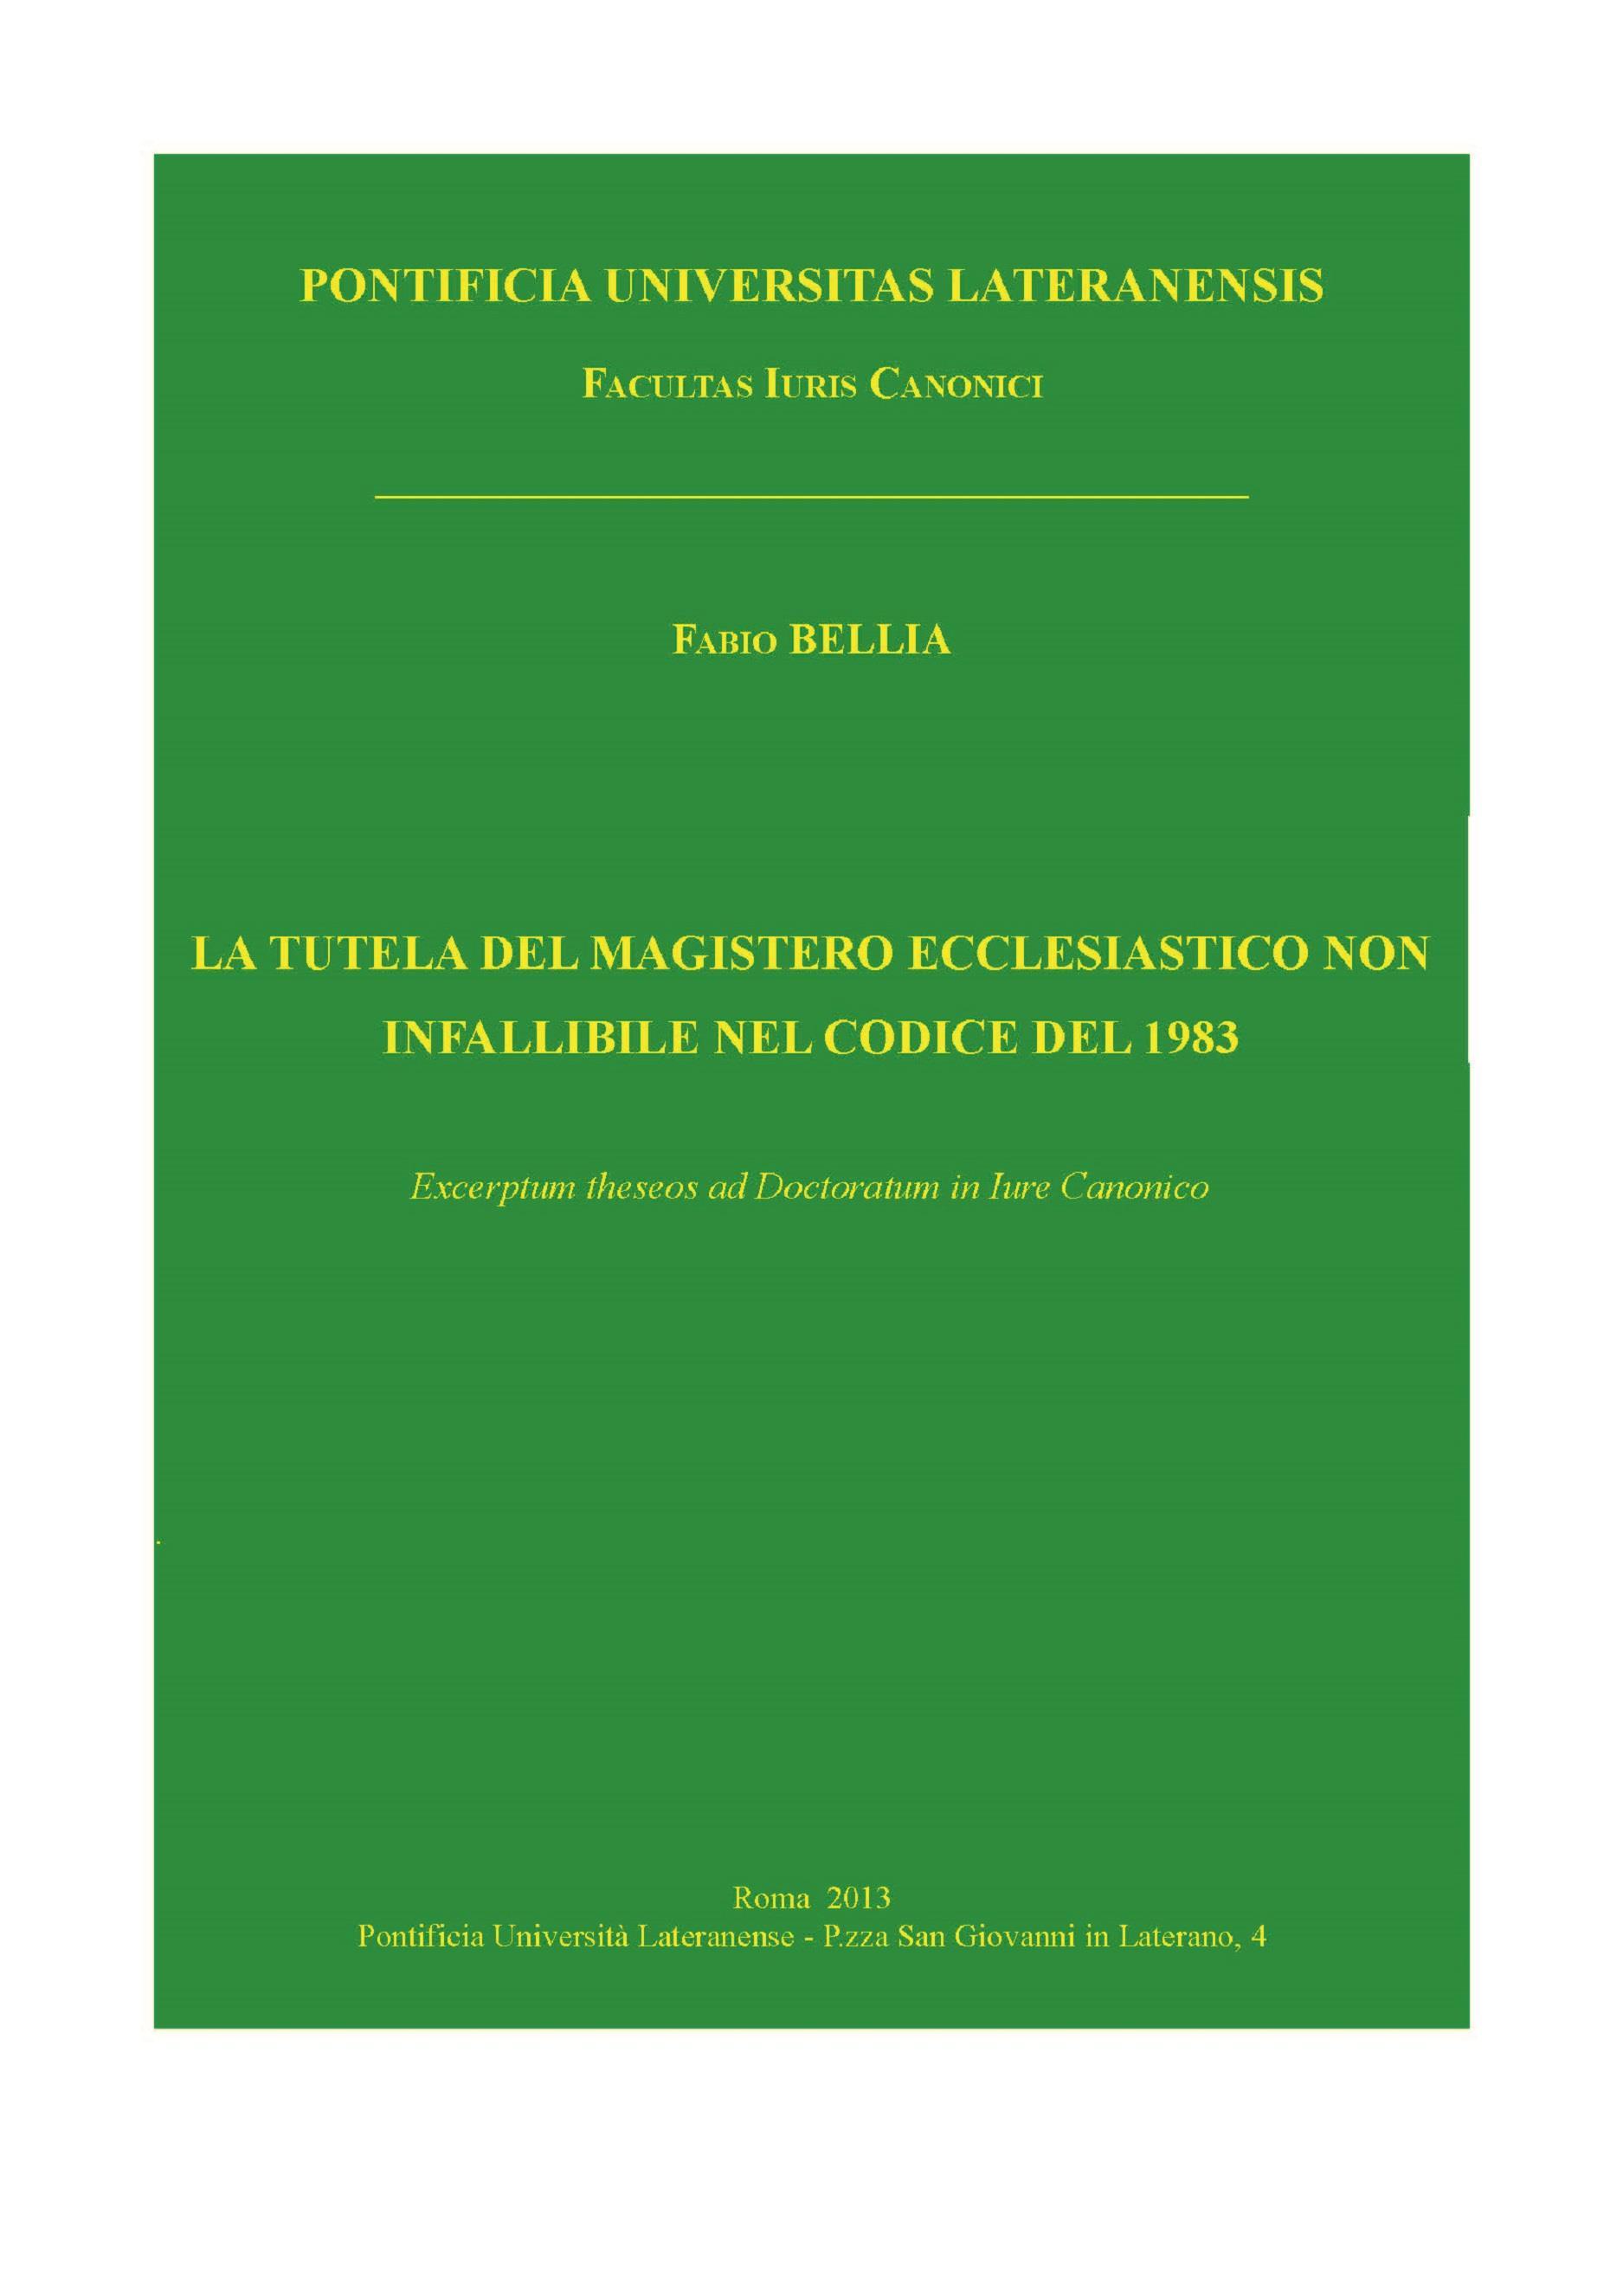 La tutela del magistero ecclesiastico non infallibile nel Codice del 1983